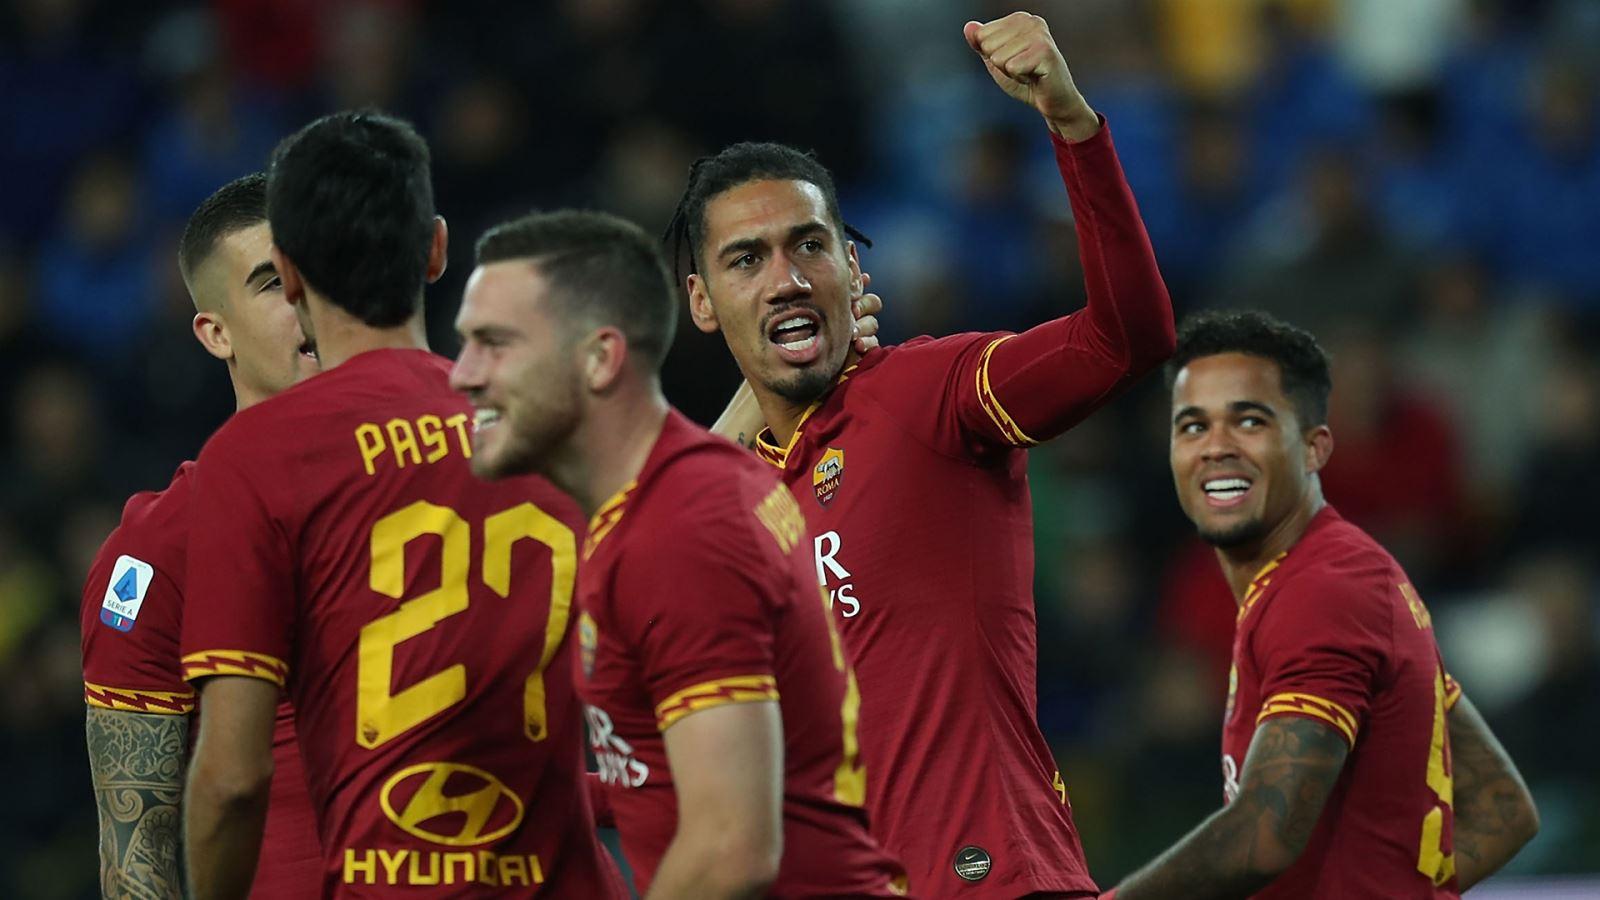 Smalling, AS Roma, MU, manchester united, trực tiếp bóng đá, bóng đá, Chris Smalling, chuyển nhượng, lịch thi đấu bóng đá, Serie A